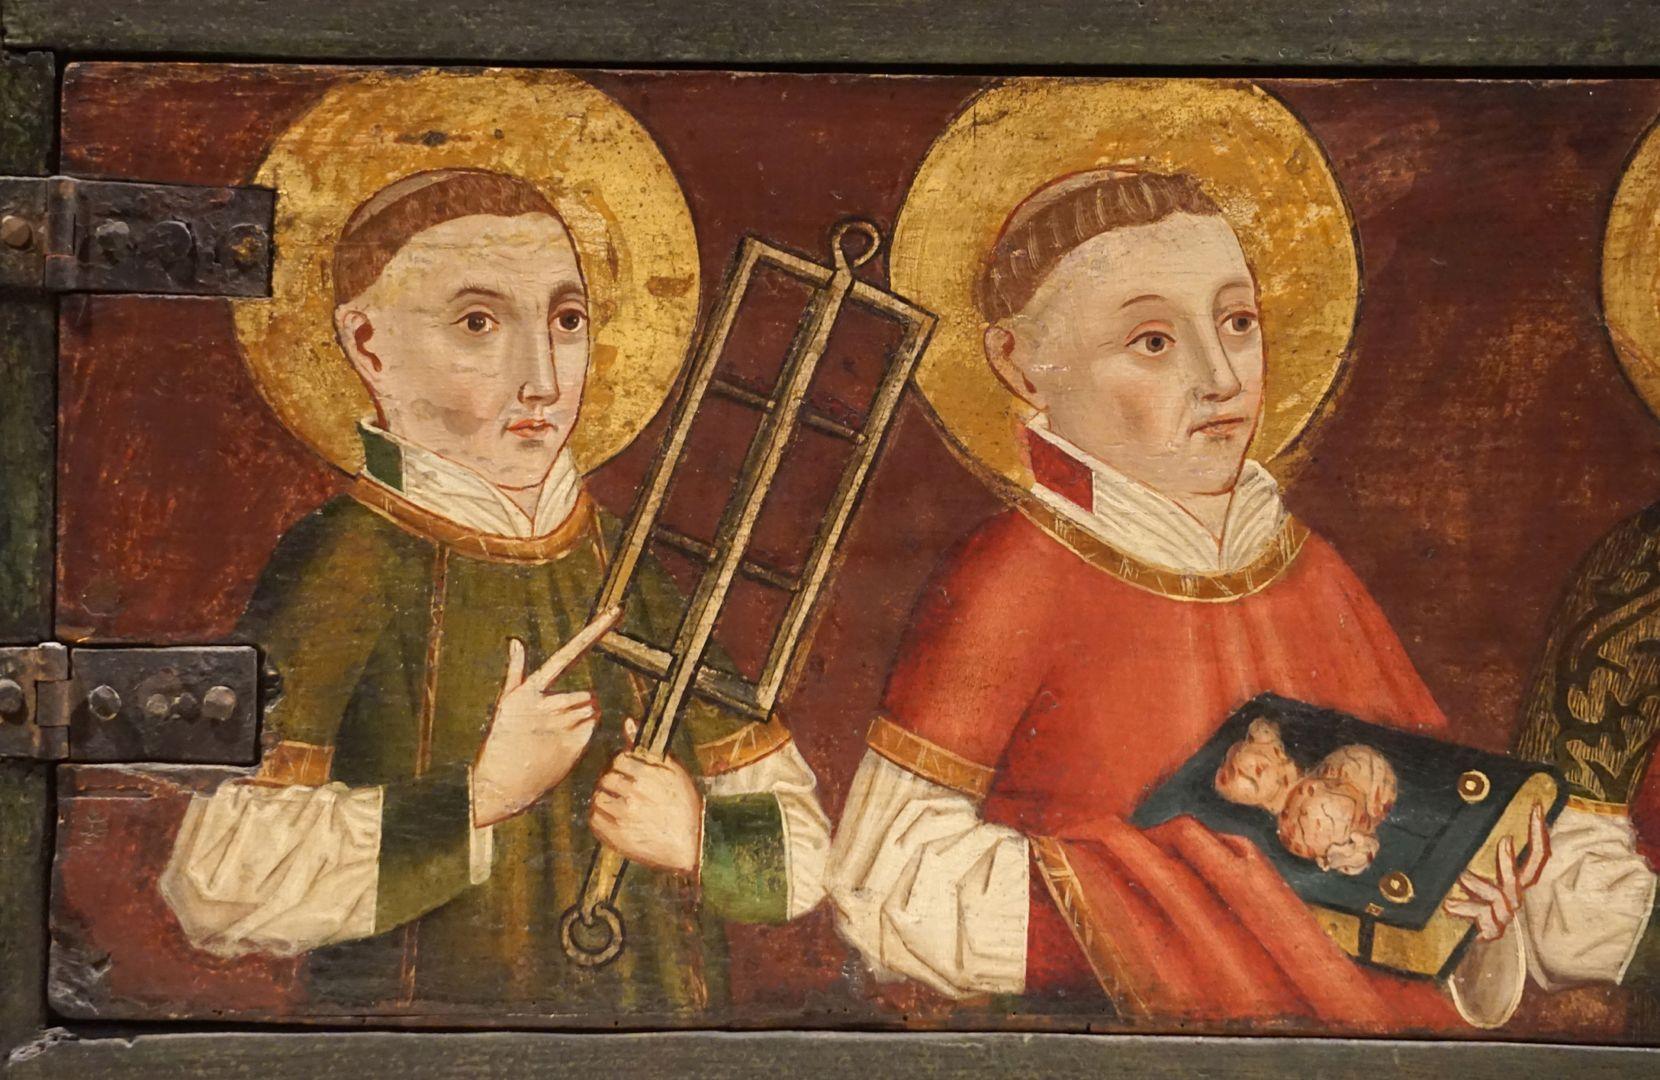 Krell-Altar linke Predellahälfte mit den Heiligen: Laurentius, Stephanus, Detailansicht